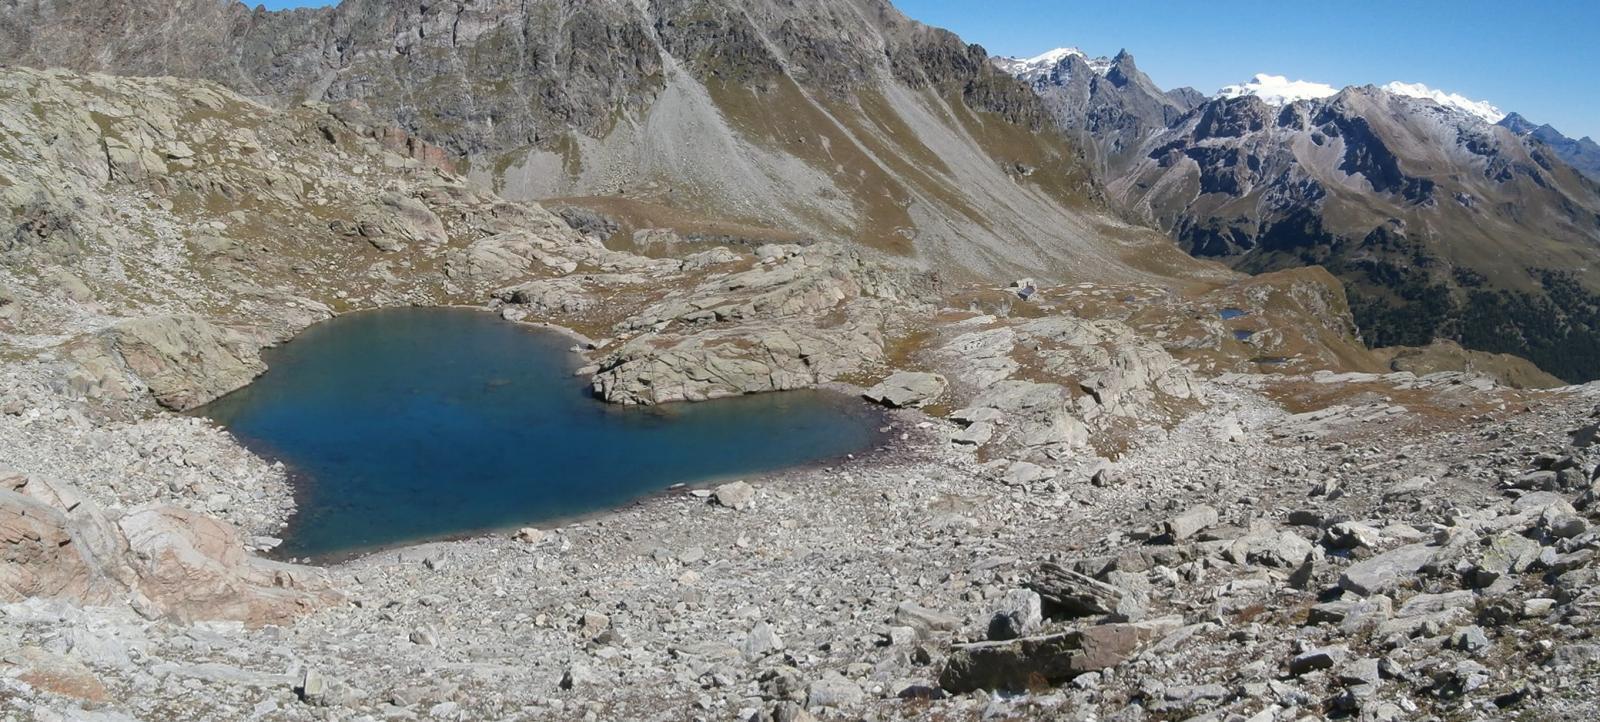 in discesa  dalla vetta,vista sul lago Pisonet , sull'Oratorio e panorami estesi...